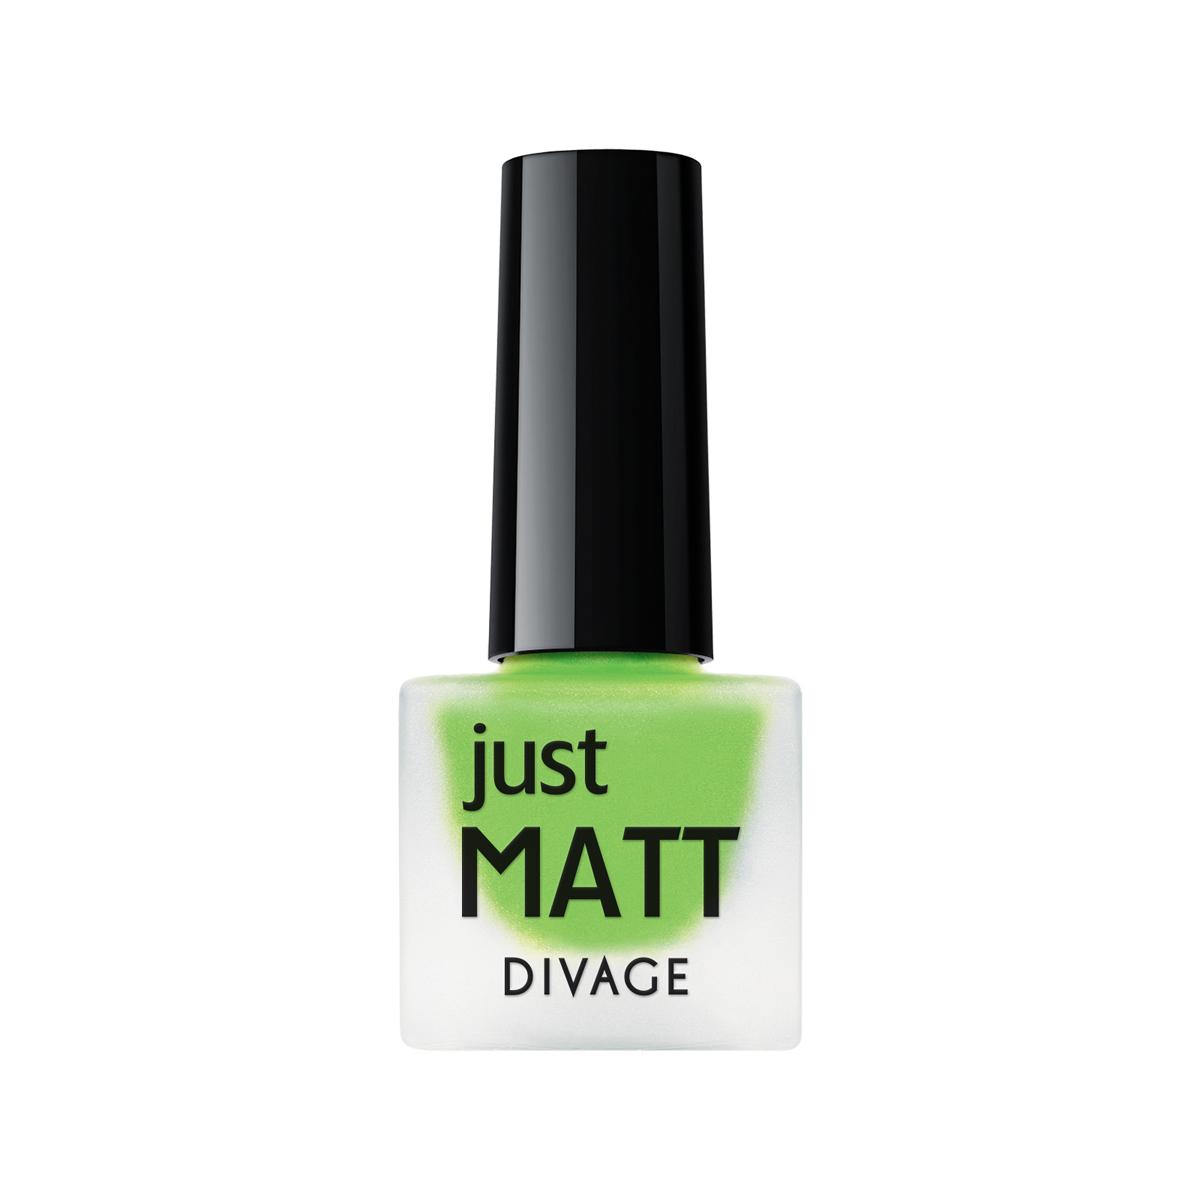 DIVAGE Лак для ногтей JUST MATT, тон № 5625, 7 мл004405Лак для ногтей Divage Just Matt с матовым эффектом имеет легкую бархатистую текстуру (Soft Touch) и удобный мини формат упаковки. Наносится идеально ровно, визуально сглаживая неровности ногтевой пластины.